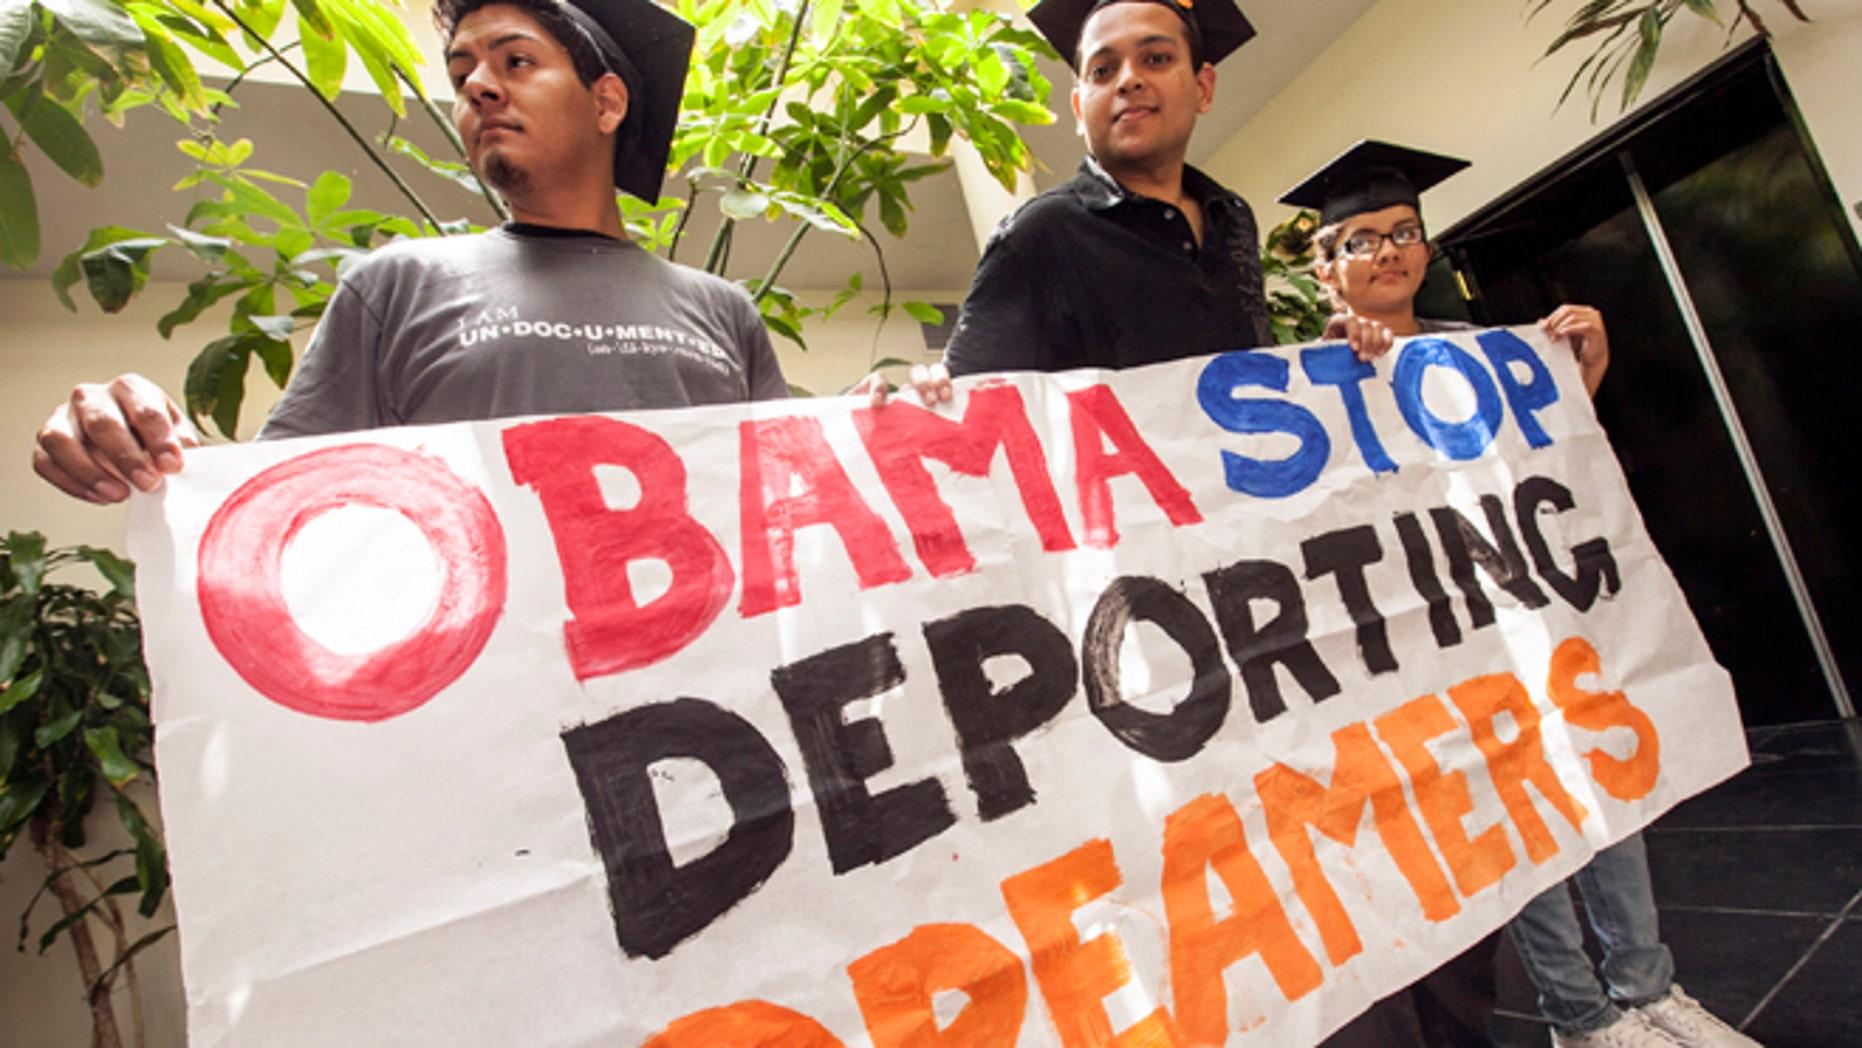 Los estudiantes David Buenrostro, Adrian James y Jahel Ramos, de izquierda a derecha, protestan fuera de las oficinas de campaña de Barack Obama en Culver City, California el jueves 14 de junio de 2012.  (AP foto/Damian Dovarganes)